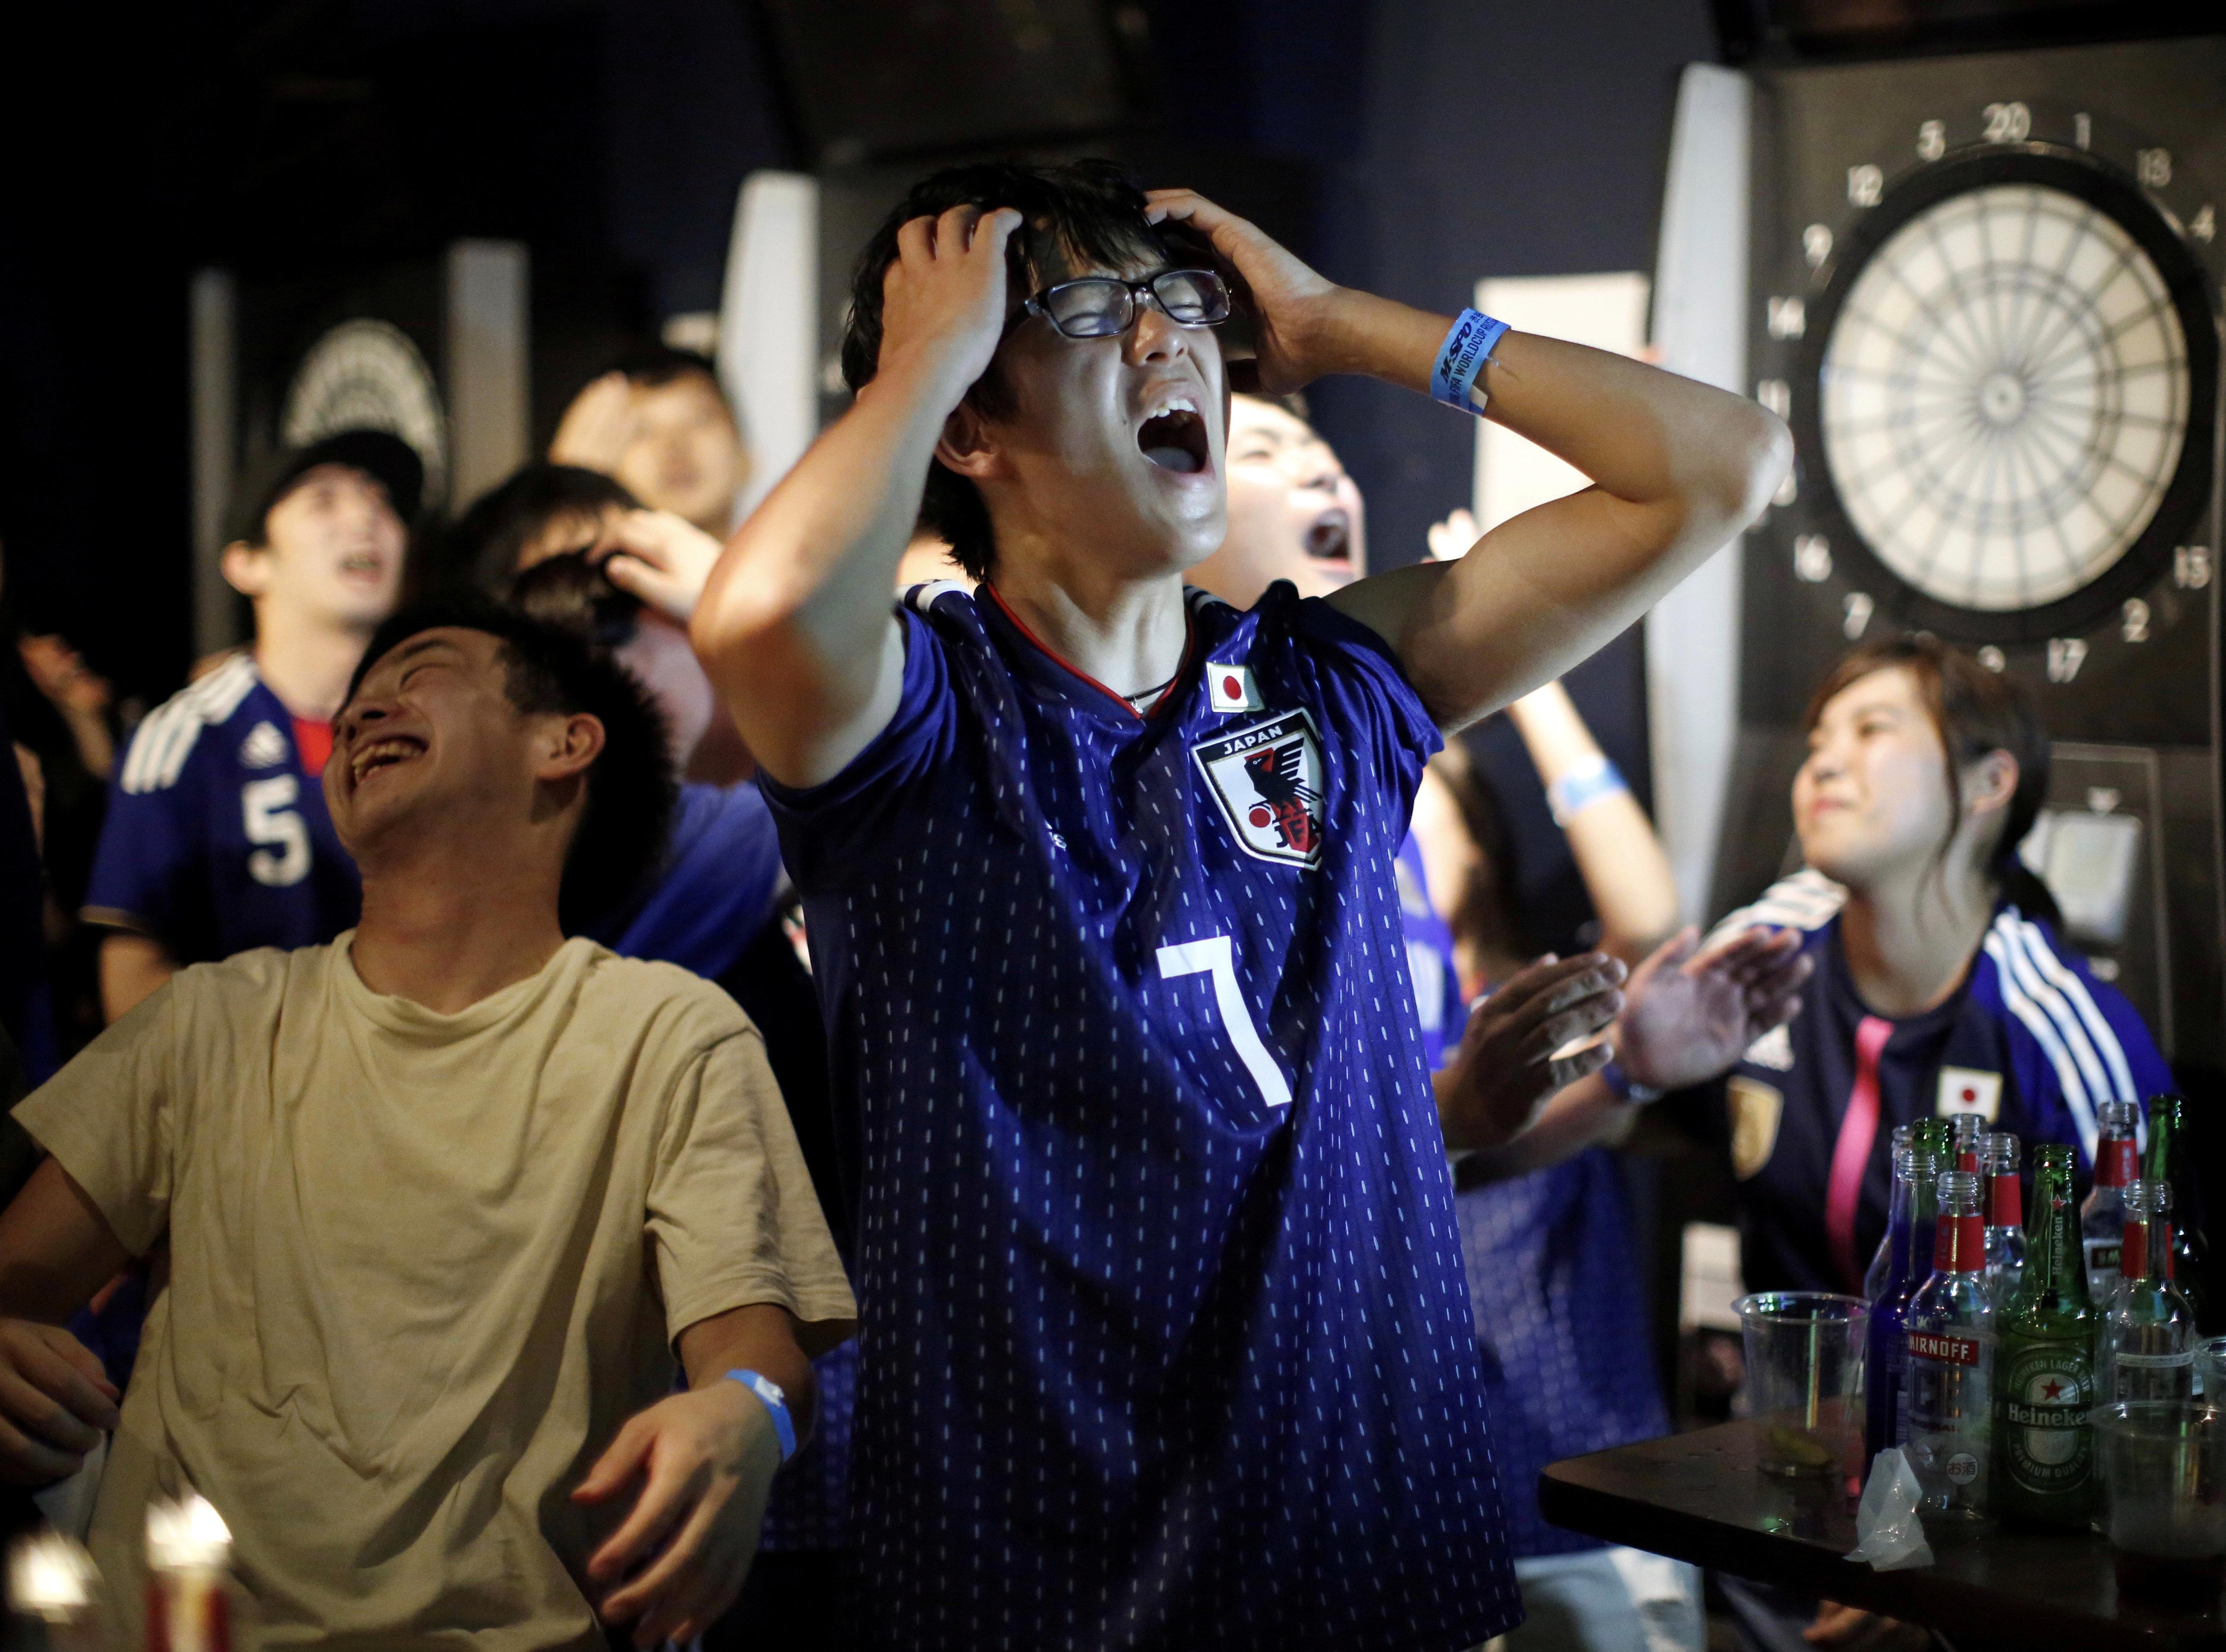 벨기에가 일본에 역전골을 넣자 KBS 해설위원은